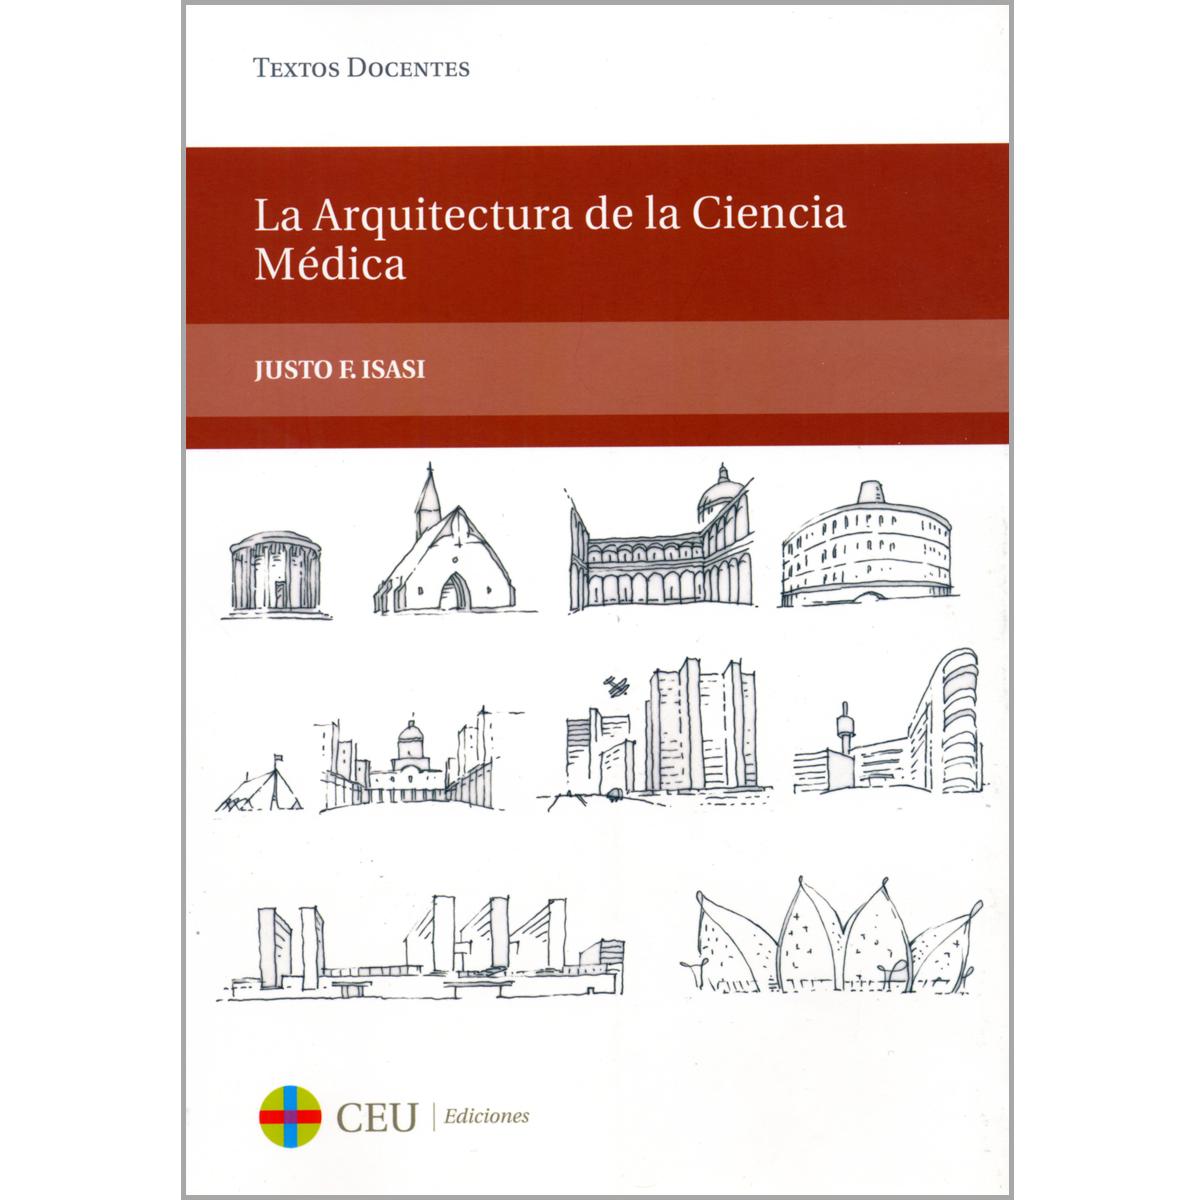 La arquitectura de la ciencia médica